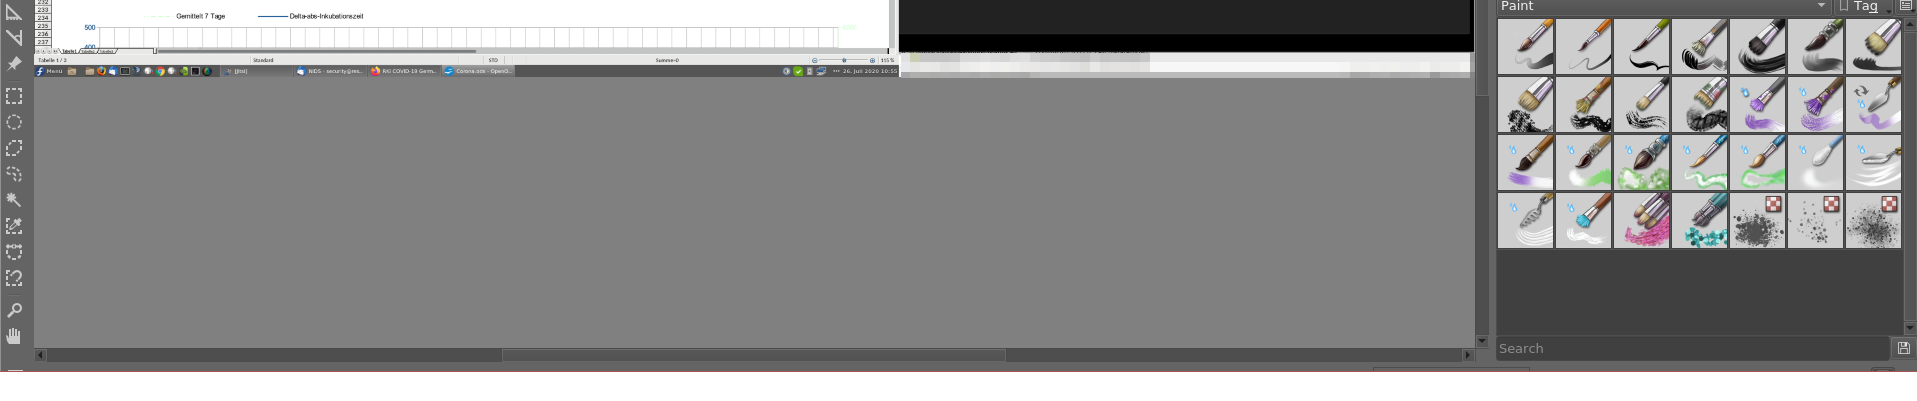 Es wird ein Bild ohne Iconleiste den Windowmanagers Cinnamon gezeigt, das beweißt, daß die horozontale Scrollbar unter der Leiste von Cinnamon liegt